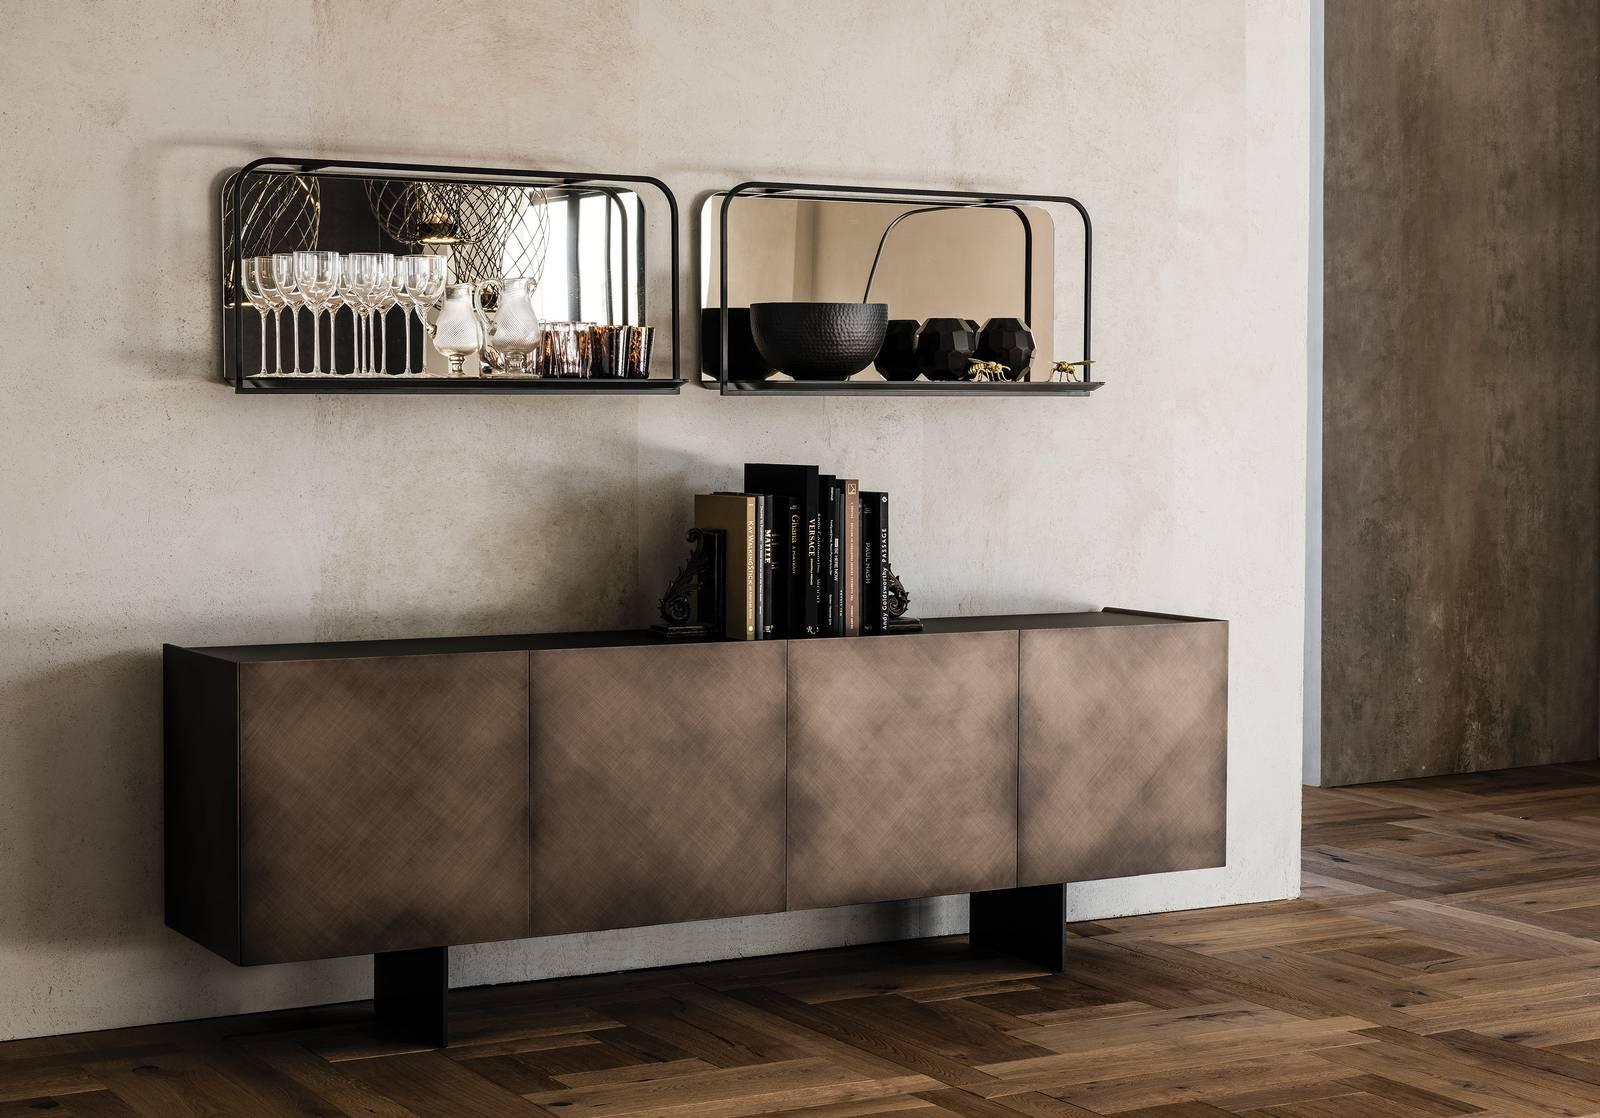 Madie per il soggiorno, decorative anche nella semplicità ...